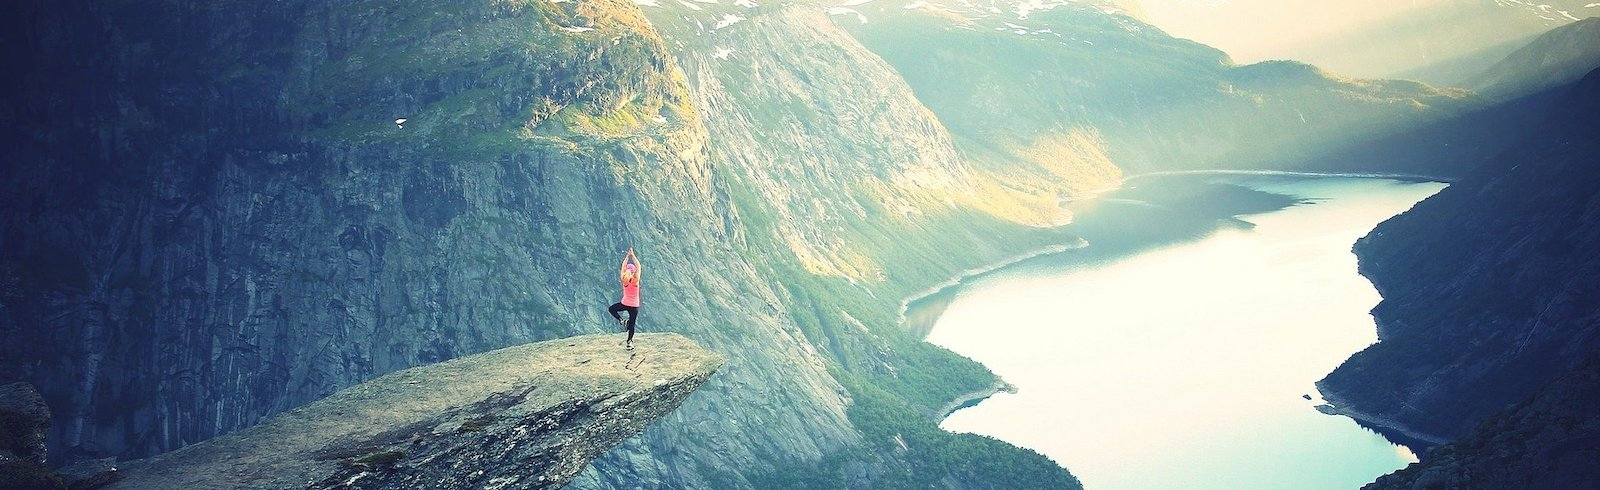 retraite de yoga devant un paysage naturel